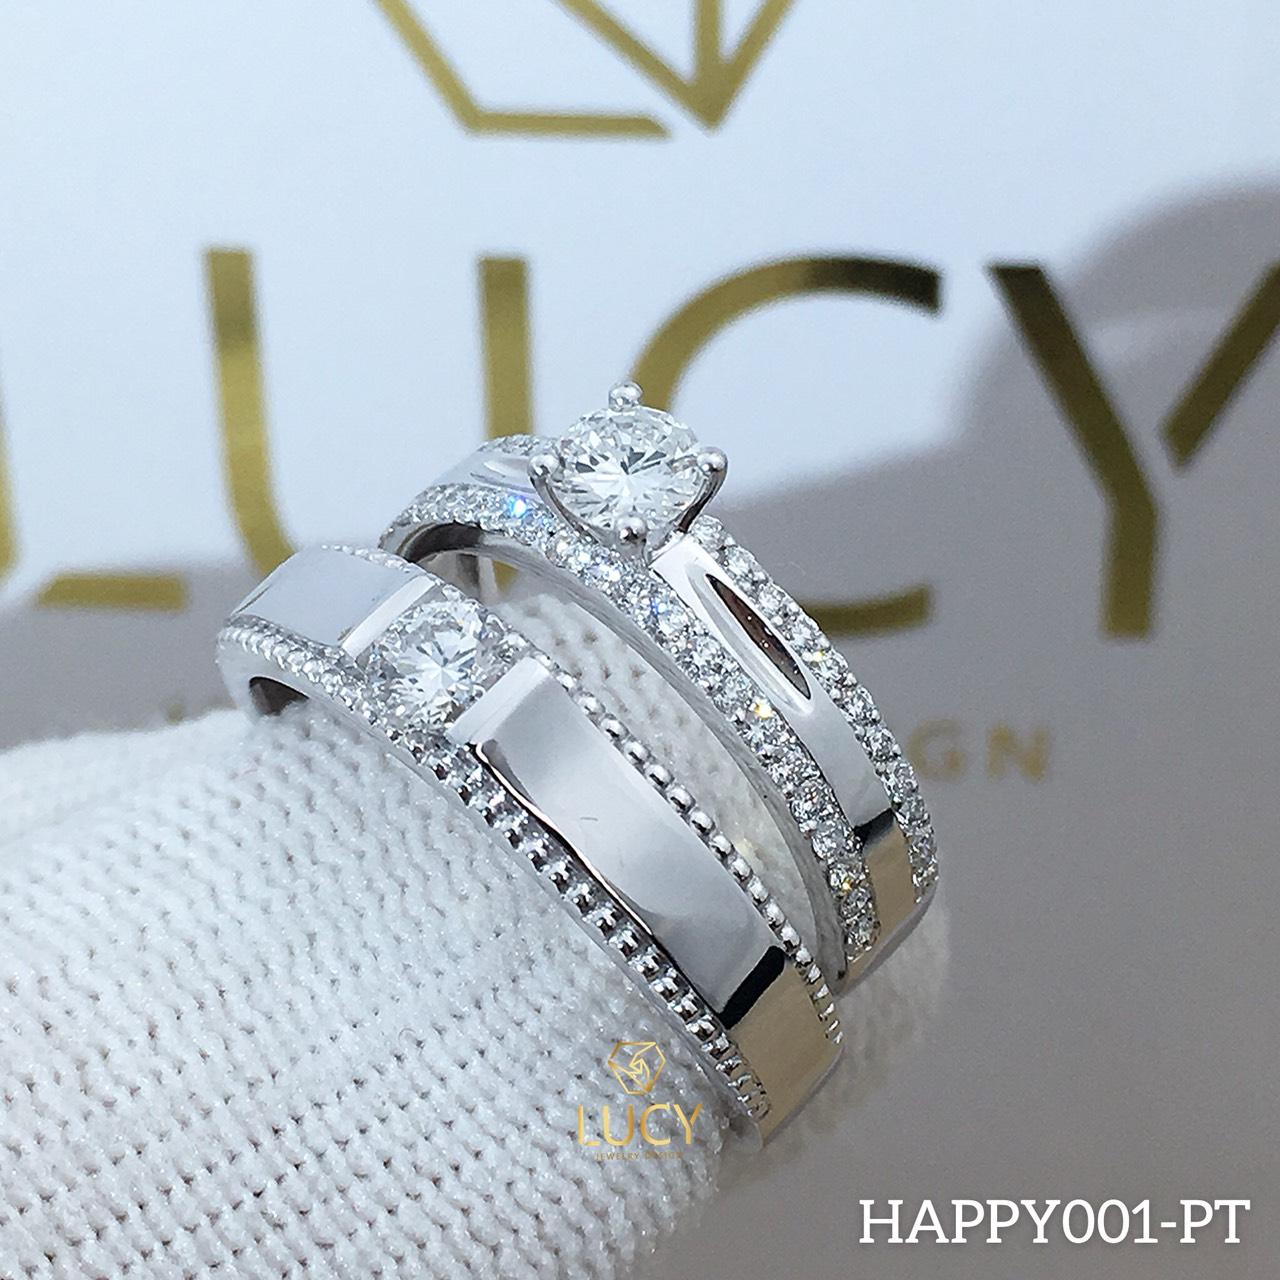 HAPPY001 Nhẫn cưới đẹp vàng tây, vàng trắng, vàng hồng 10k 14k 18k, Bạch Kim Platinum PT900 đính CZ, Moissanite, Kim cương - Lucy Jewelry